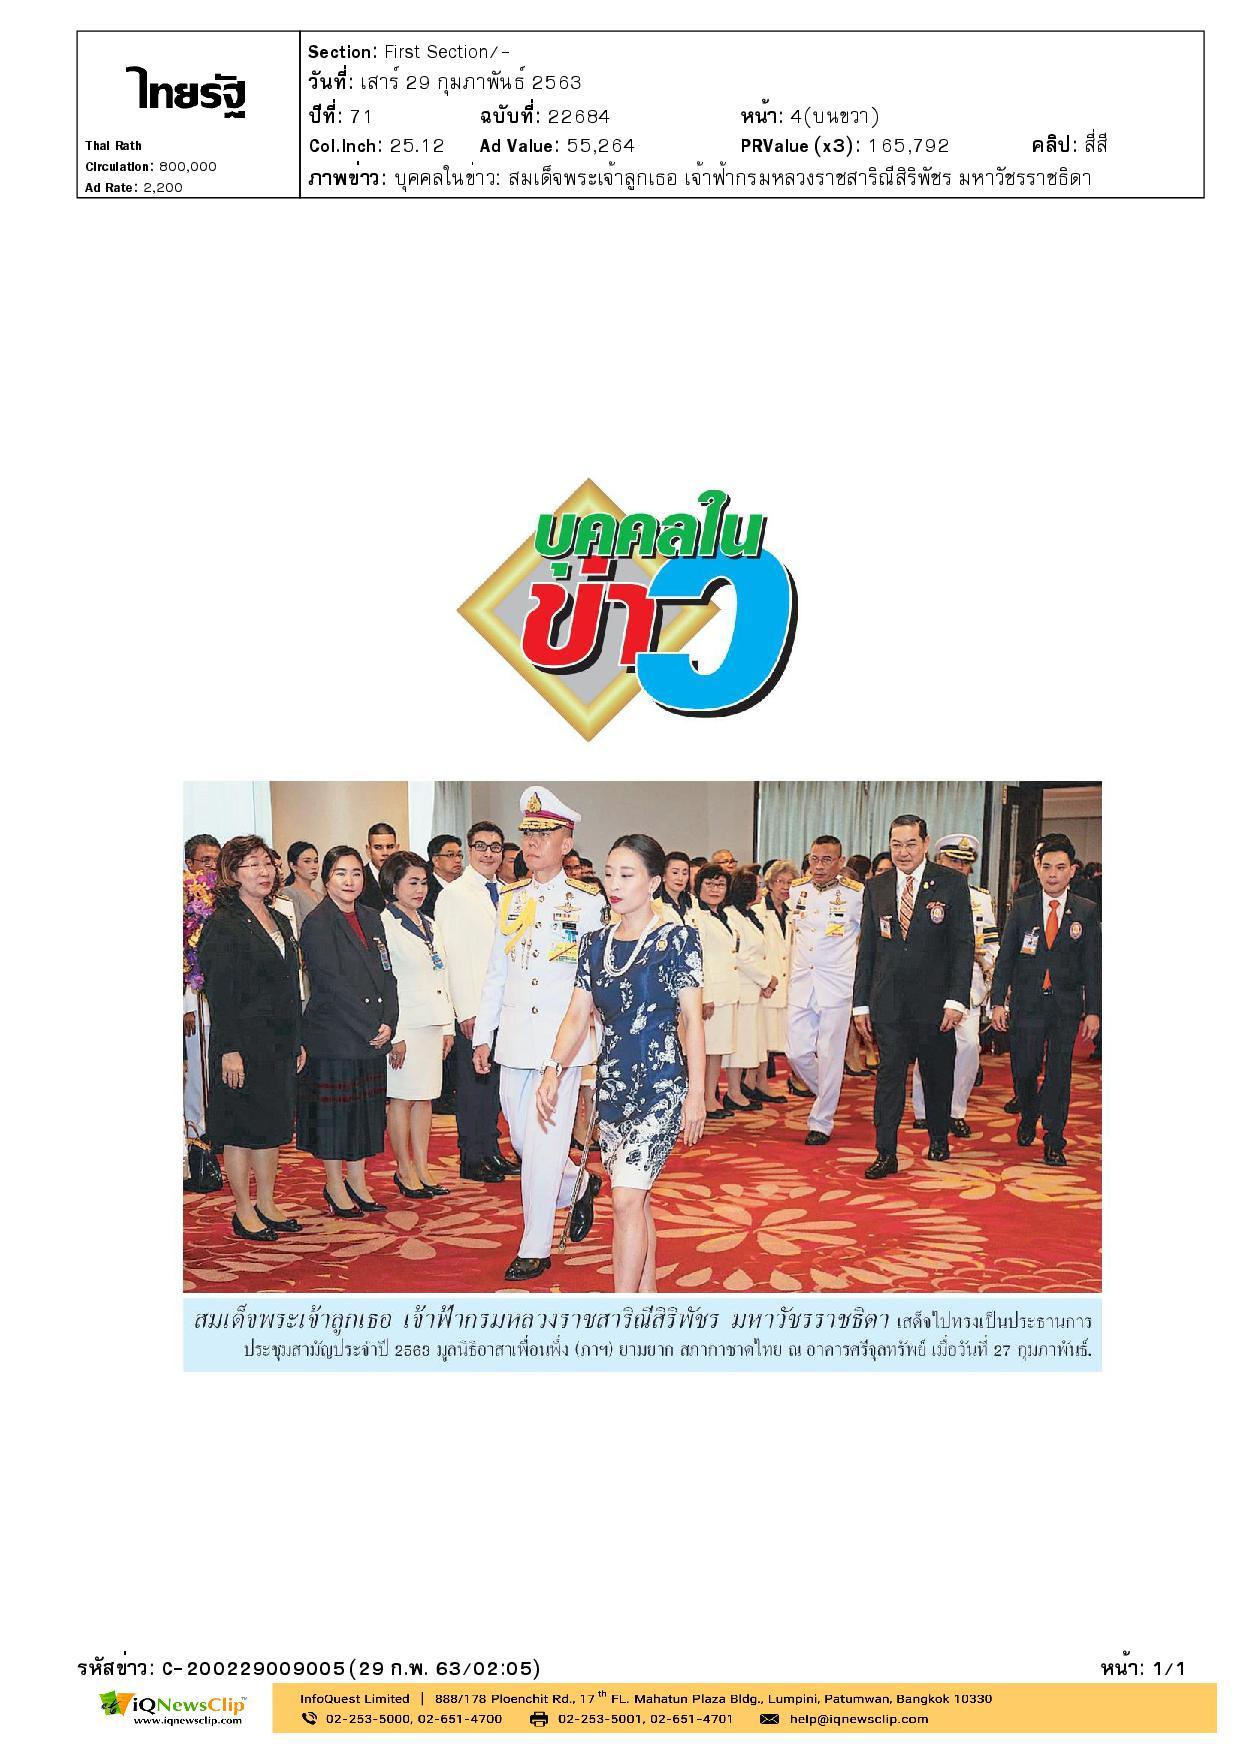 เสด็จฯ ไปทรงเป็นประธานการประชุมสามัญ ประจำปี 2563